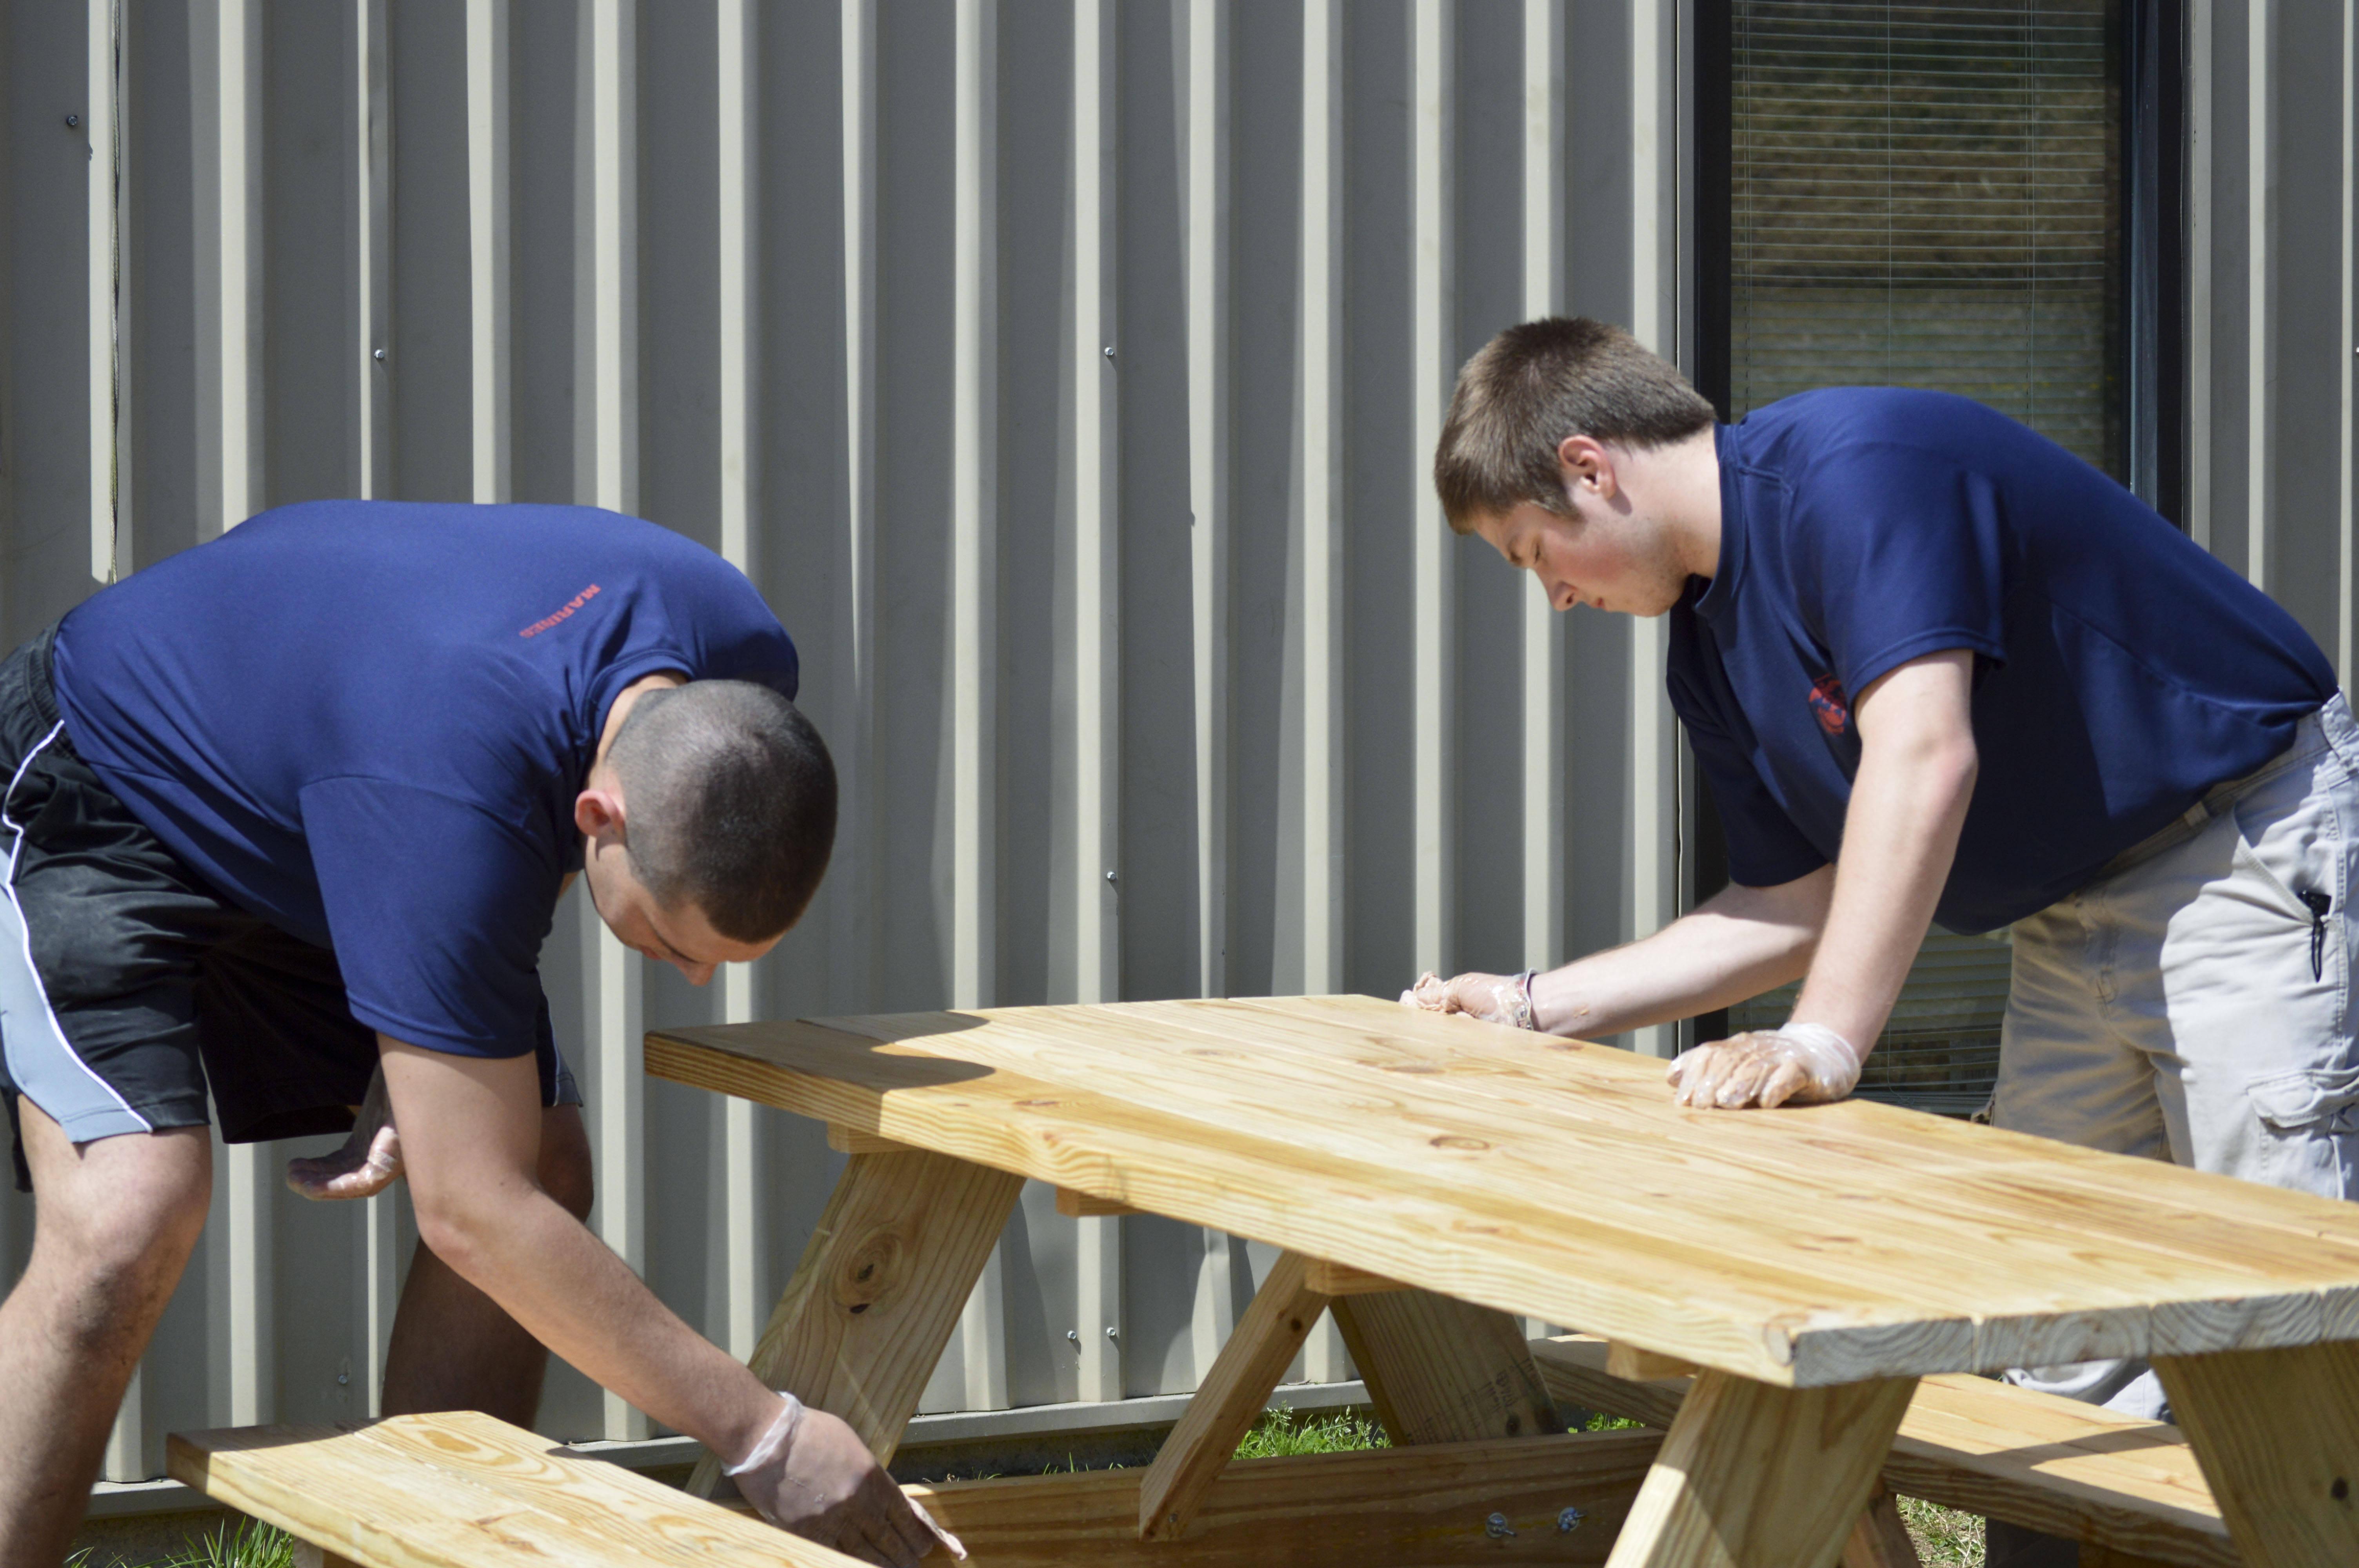 Photos - 12 person picnic table